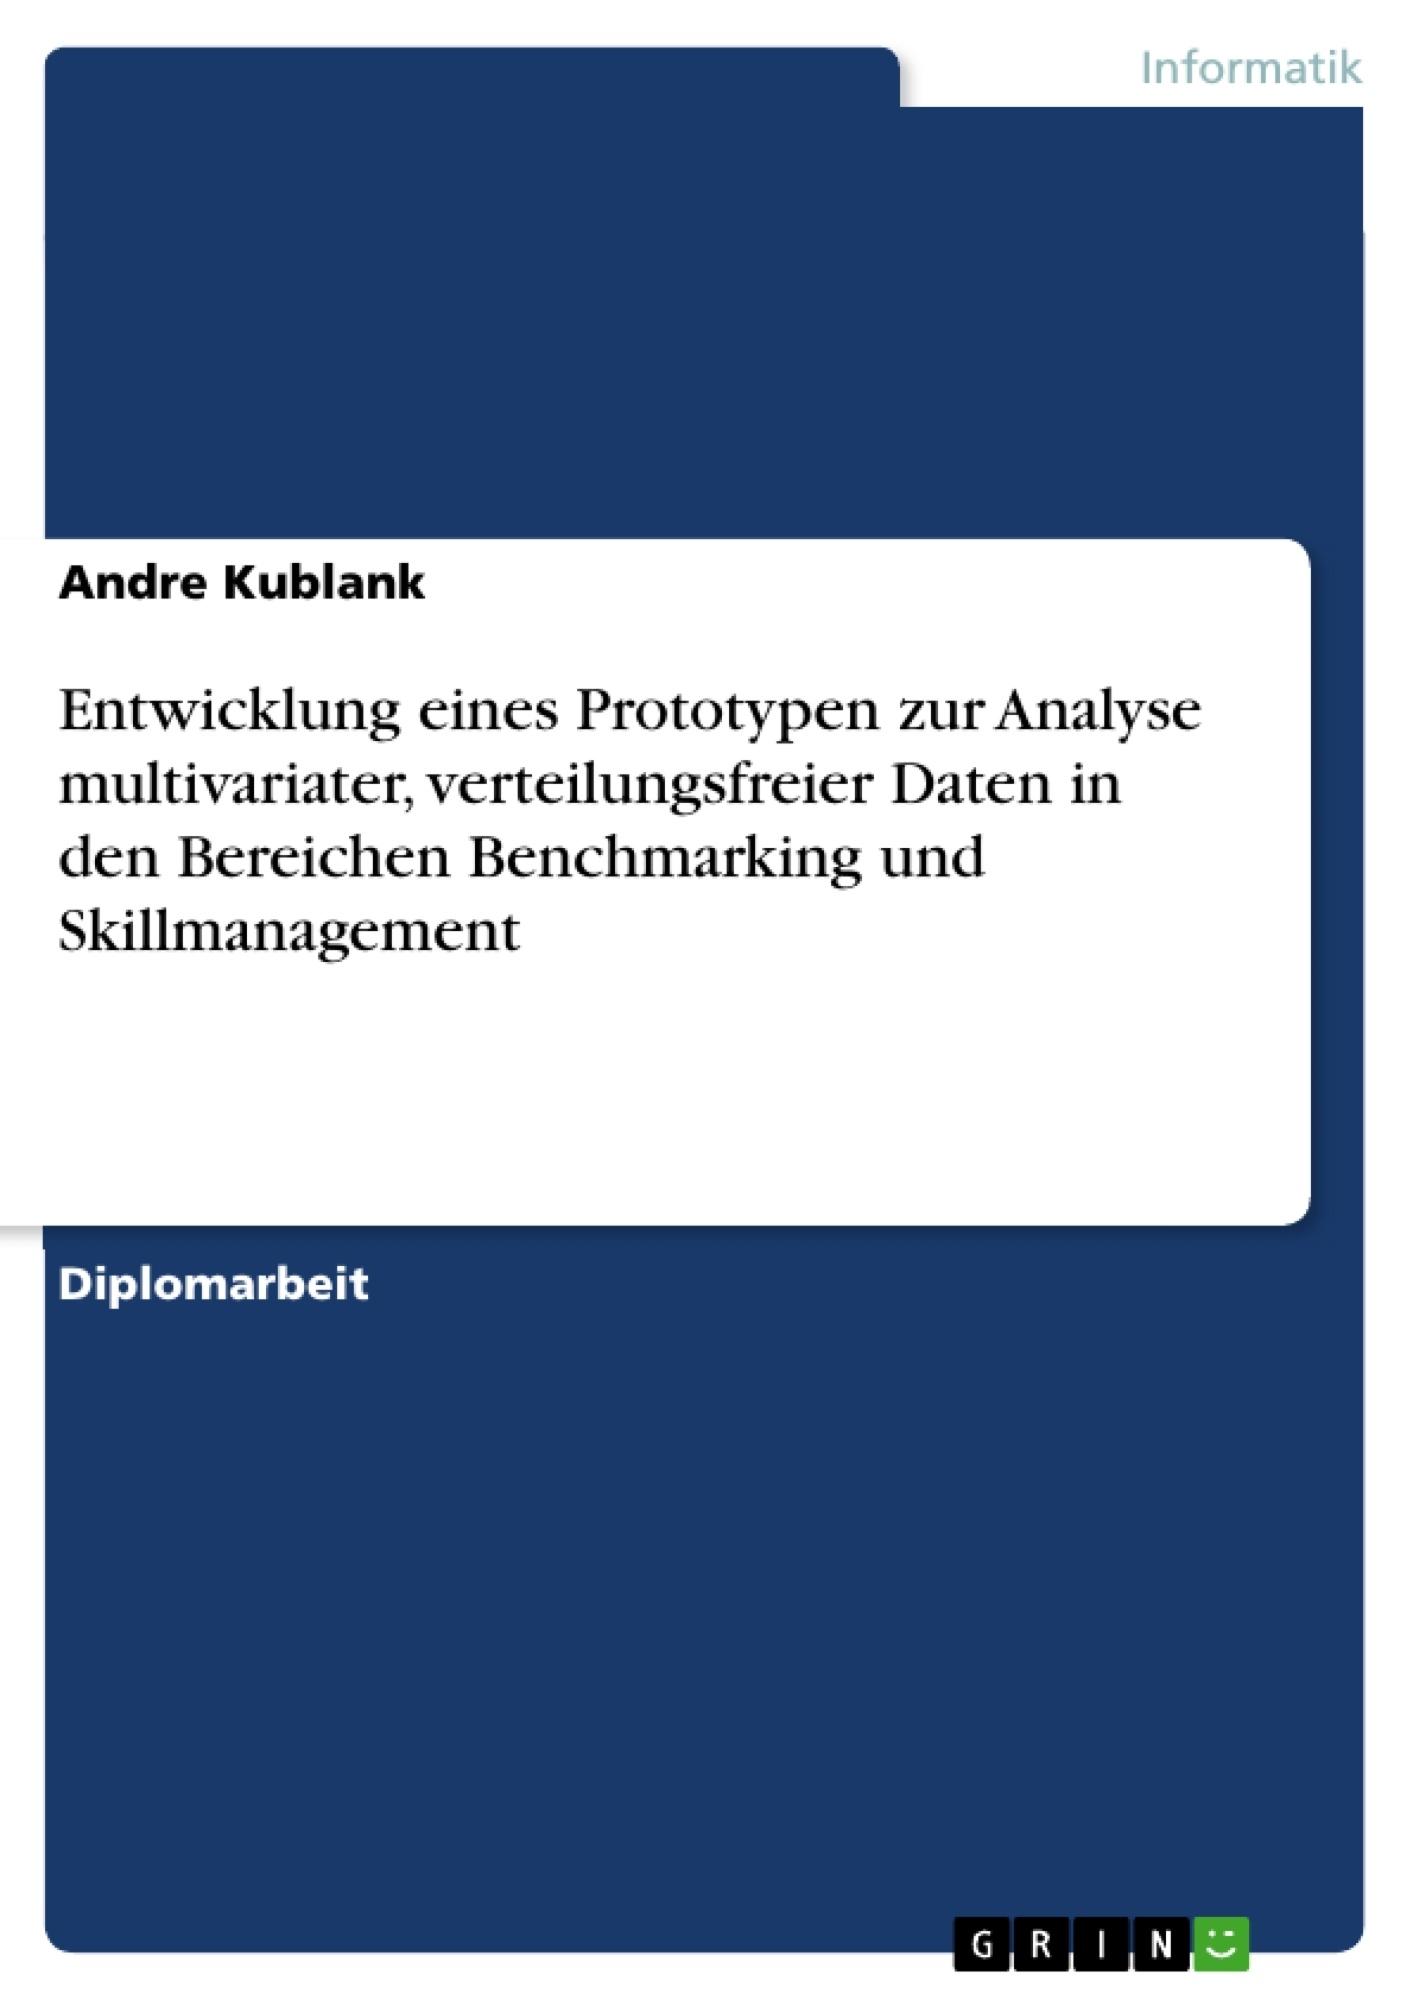 Titel: Entwicklung eines Prototypen zur Analyse multivariater, verteilungsfreier Daten in den Bereichen Benchmarking und Skillmanagement